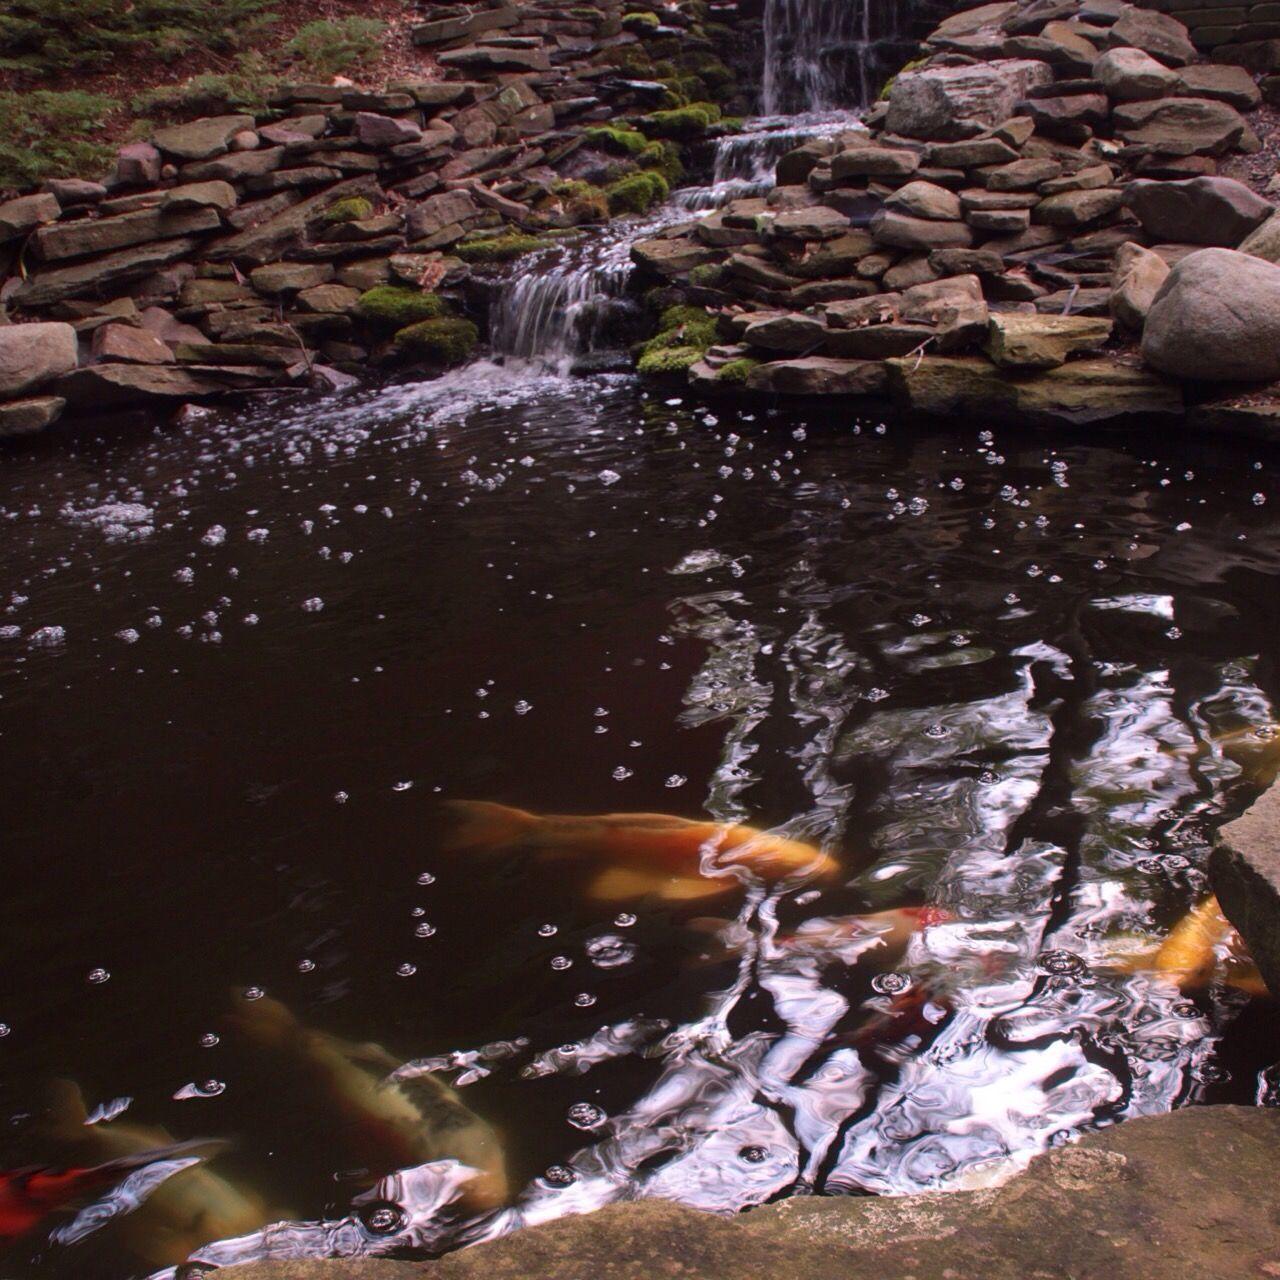 Koi Carps Swimming In Pond Against Rocks